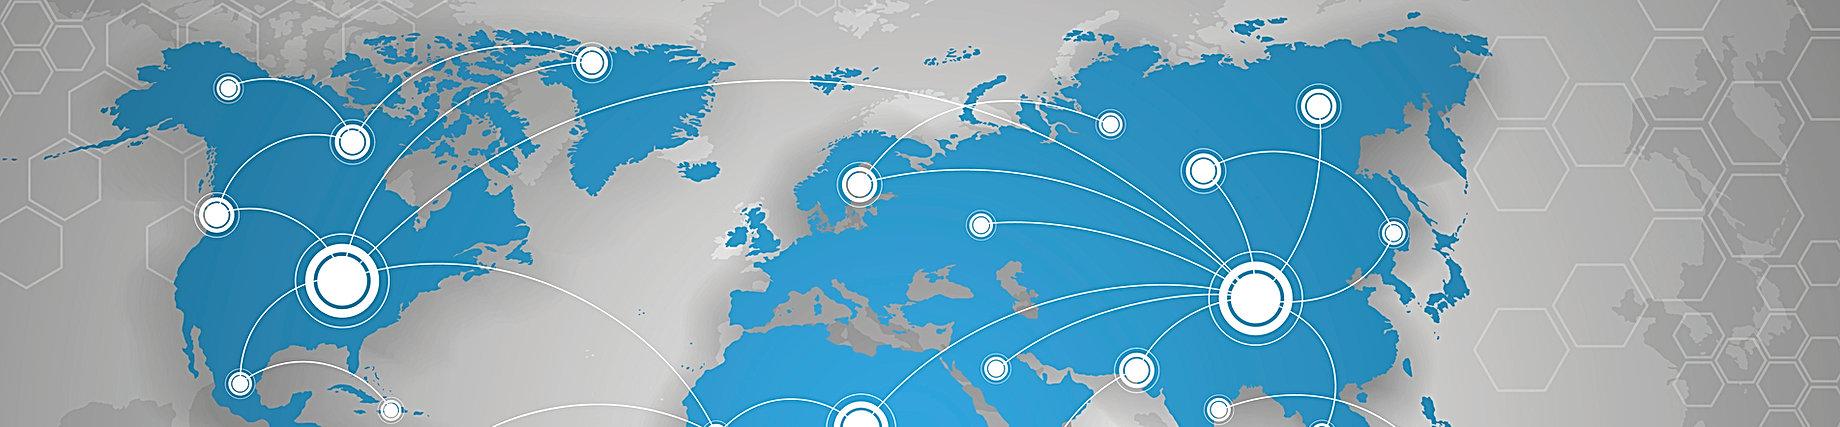 CUT 2 WELLS Global Network Background.jp